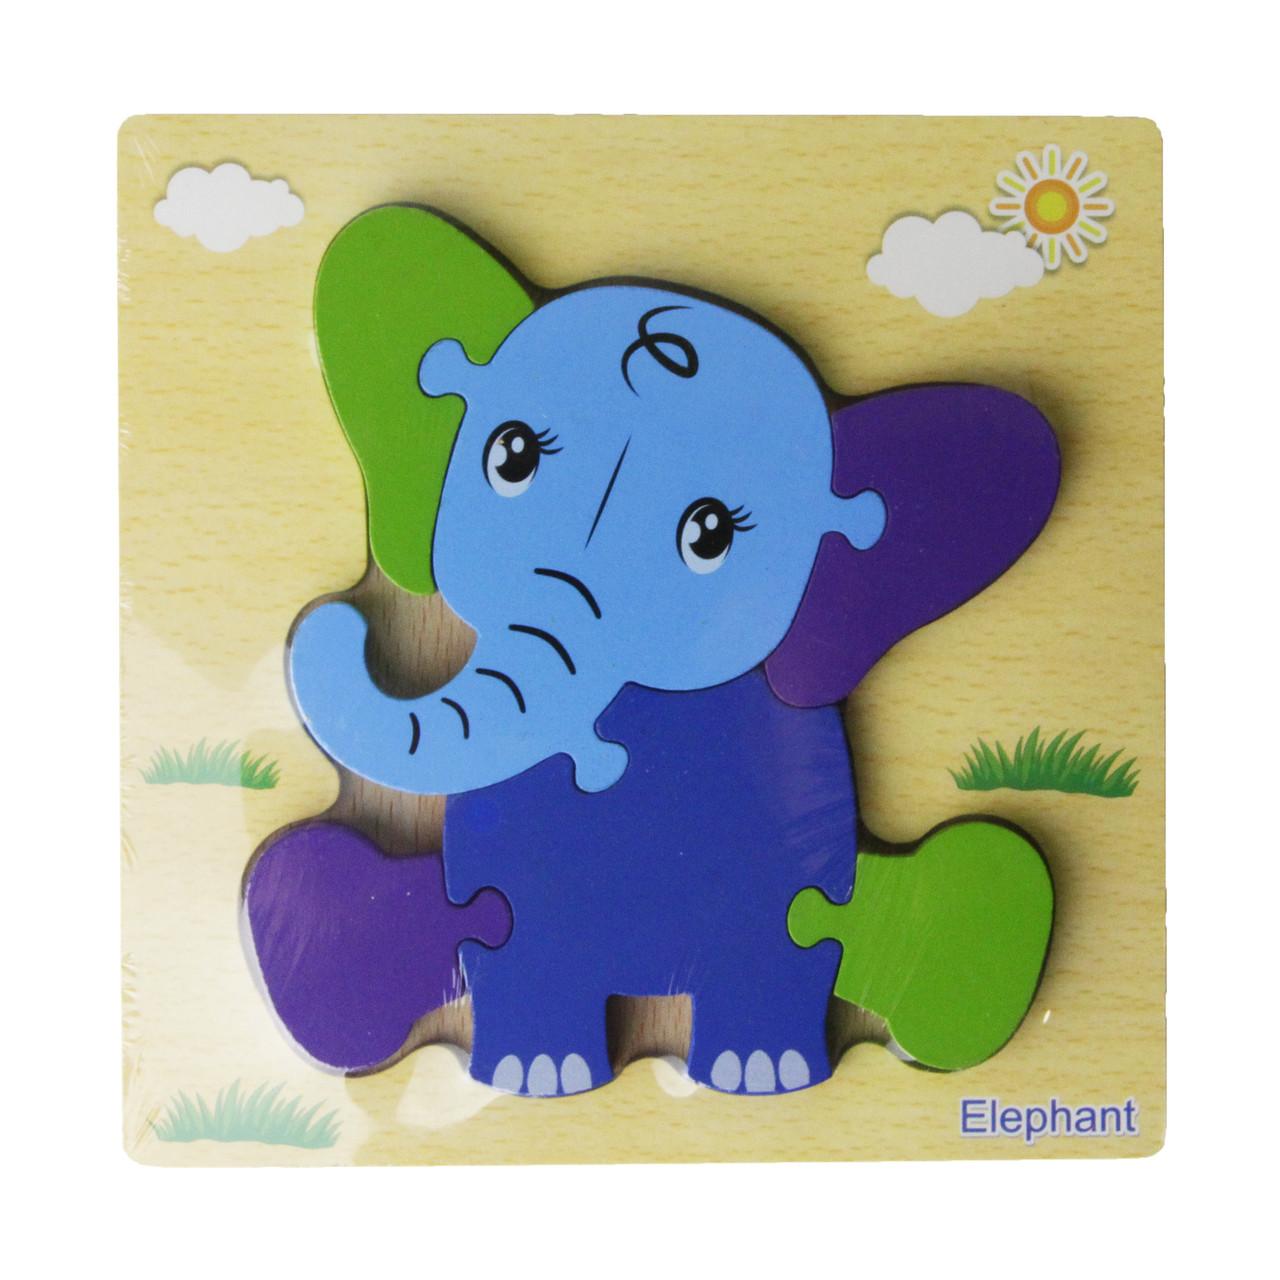 Деревянная игрушка Пазлы MD 2453-2 (Слон) 15-15см